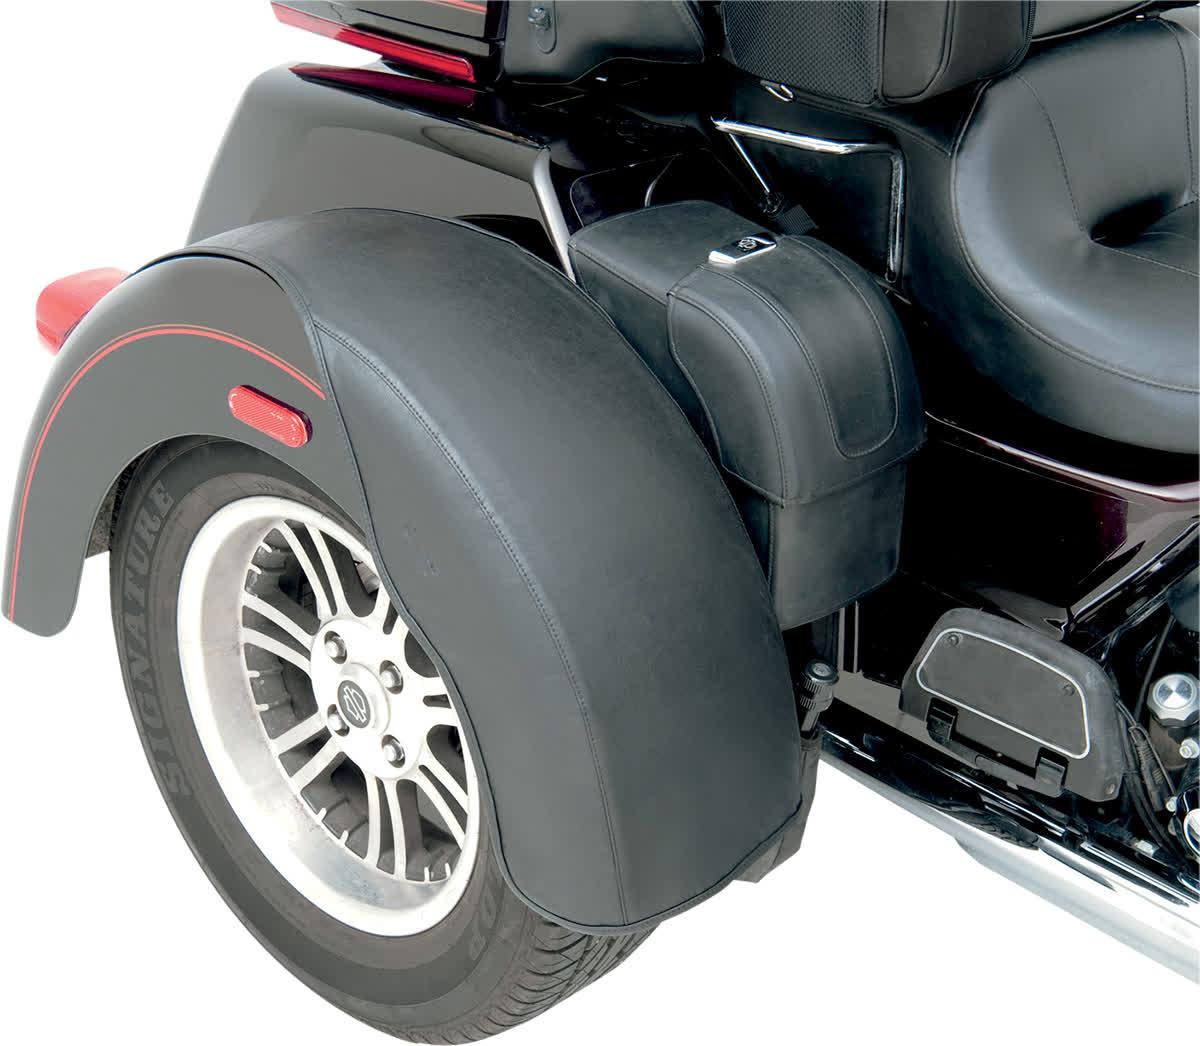 Saddlemen 1414-0015 Rear Fender Bra Set